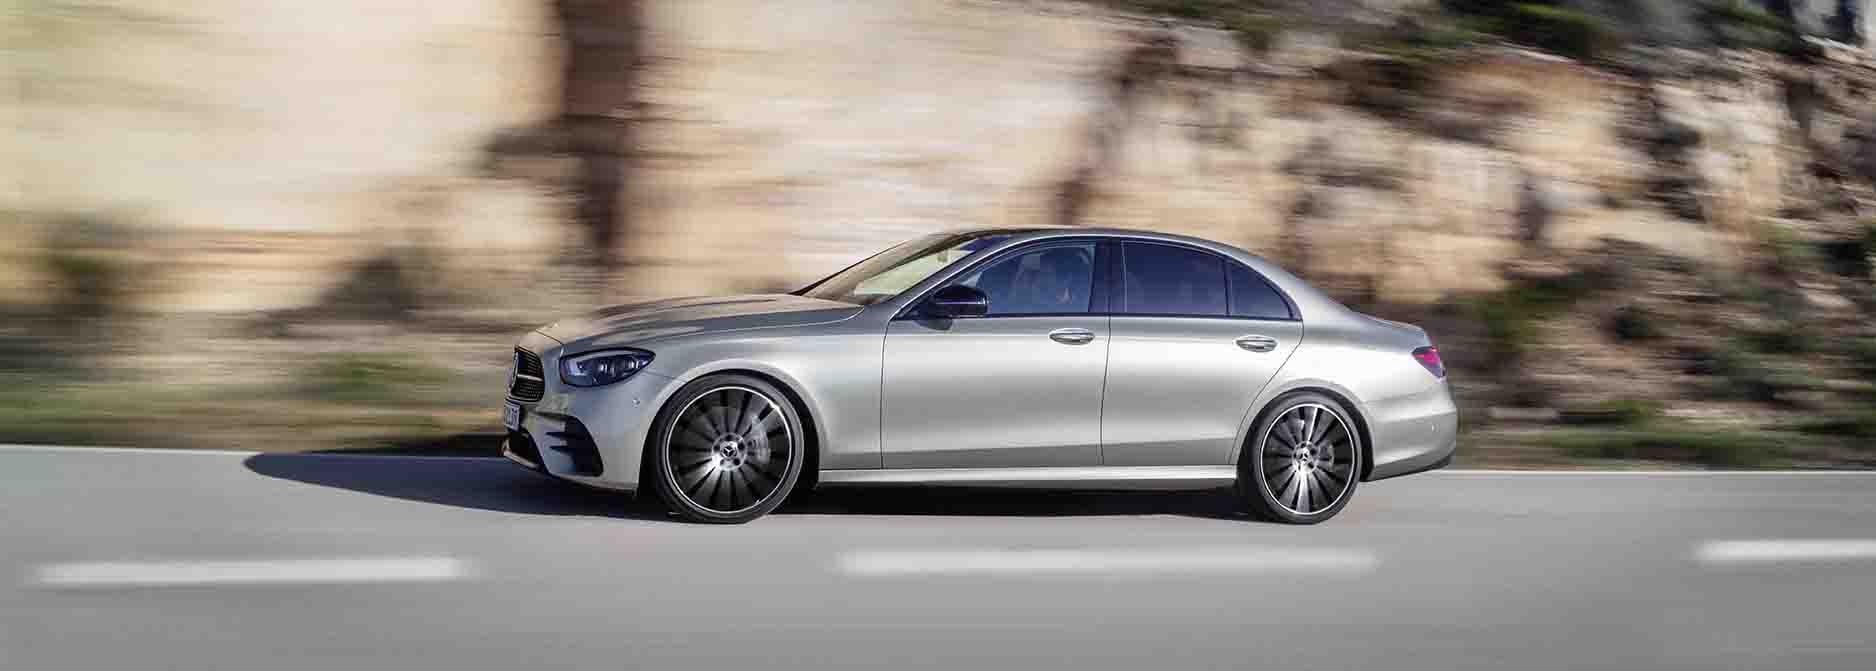 Mercedes-Benz upgrades E-Class family